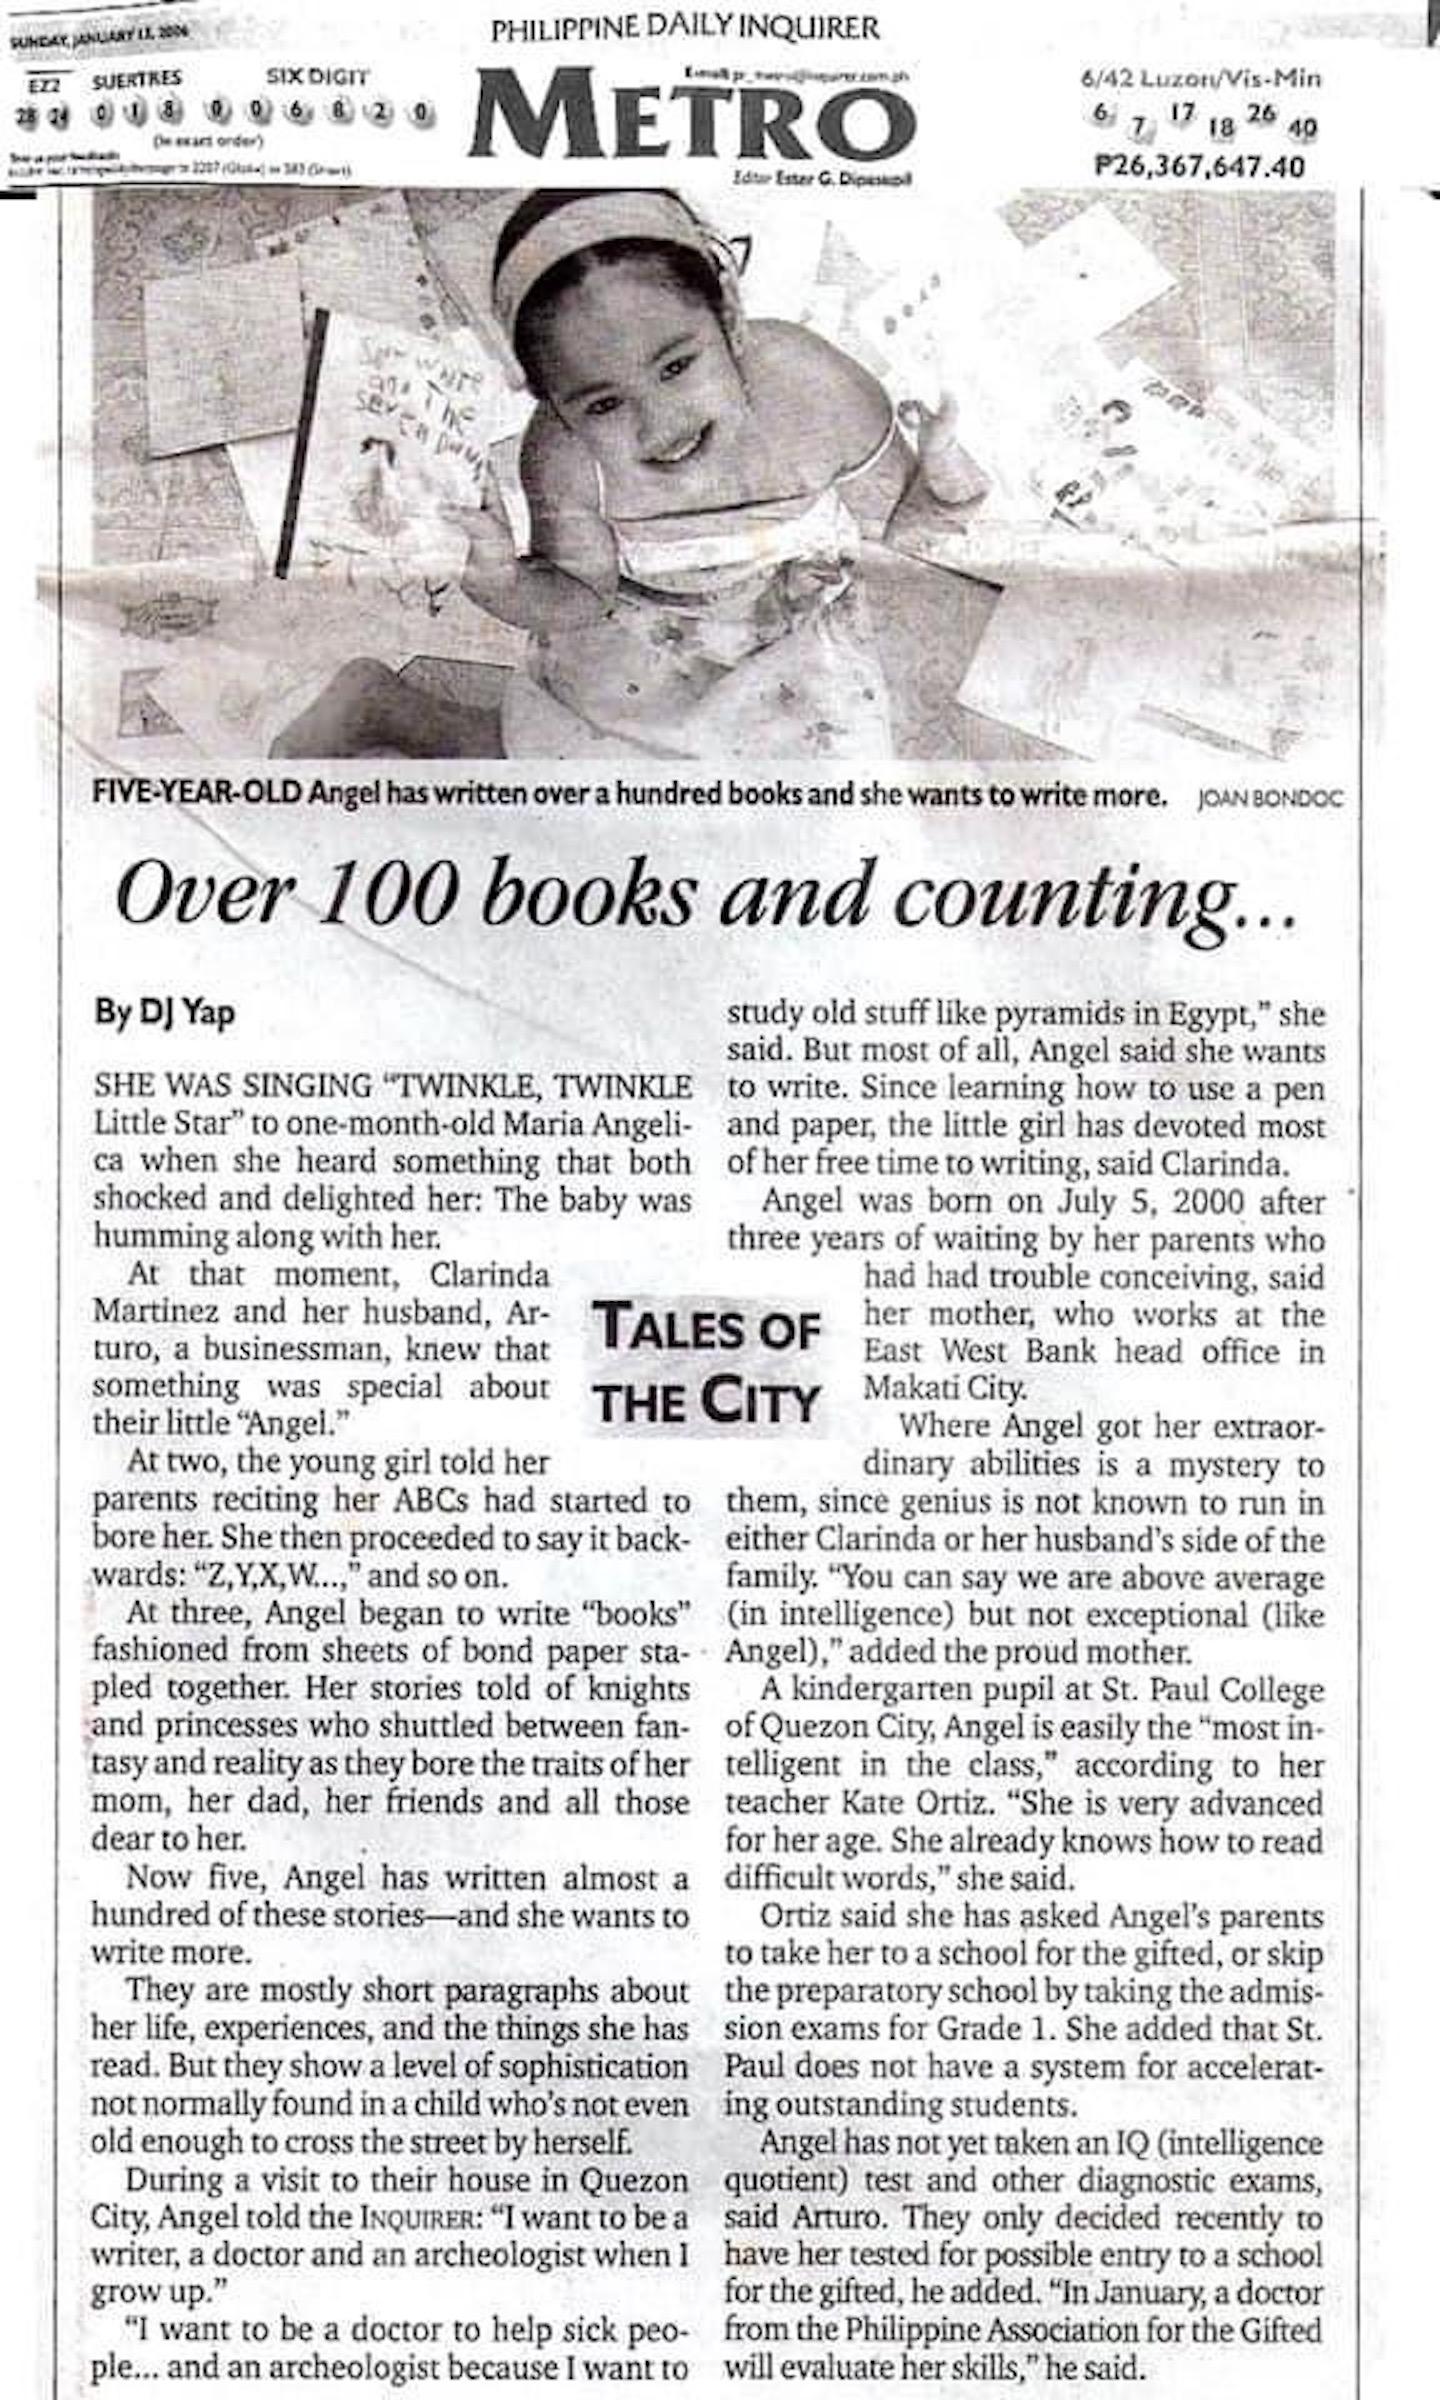 Berita koran tentang kecerdasan penulis